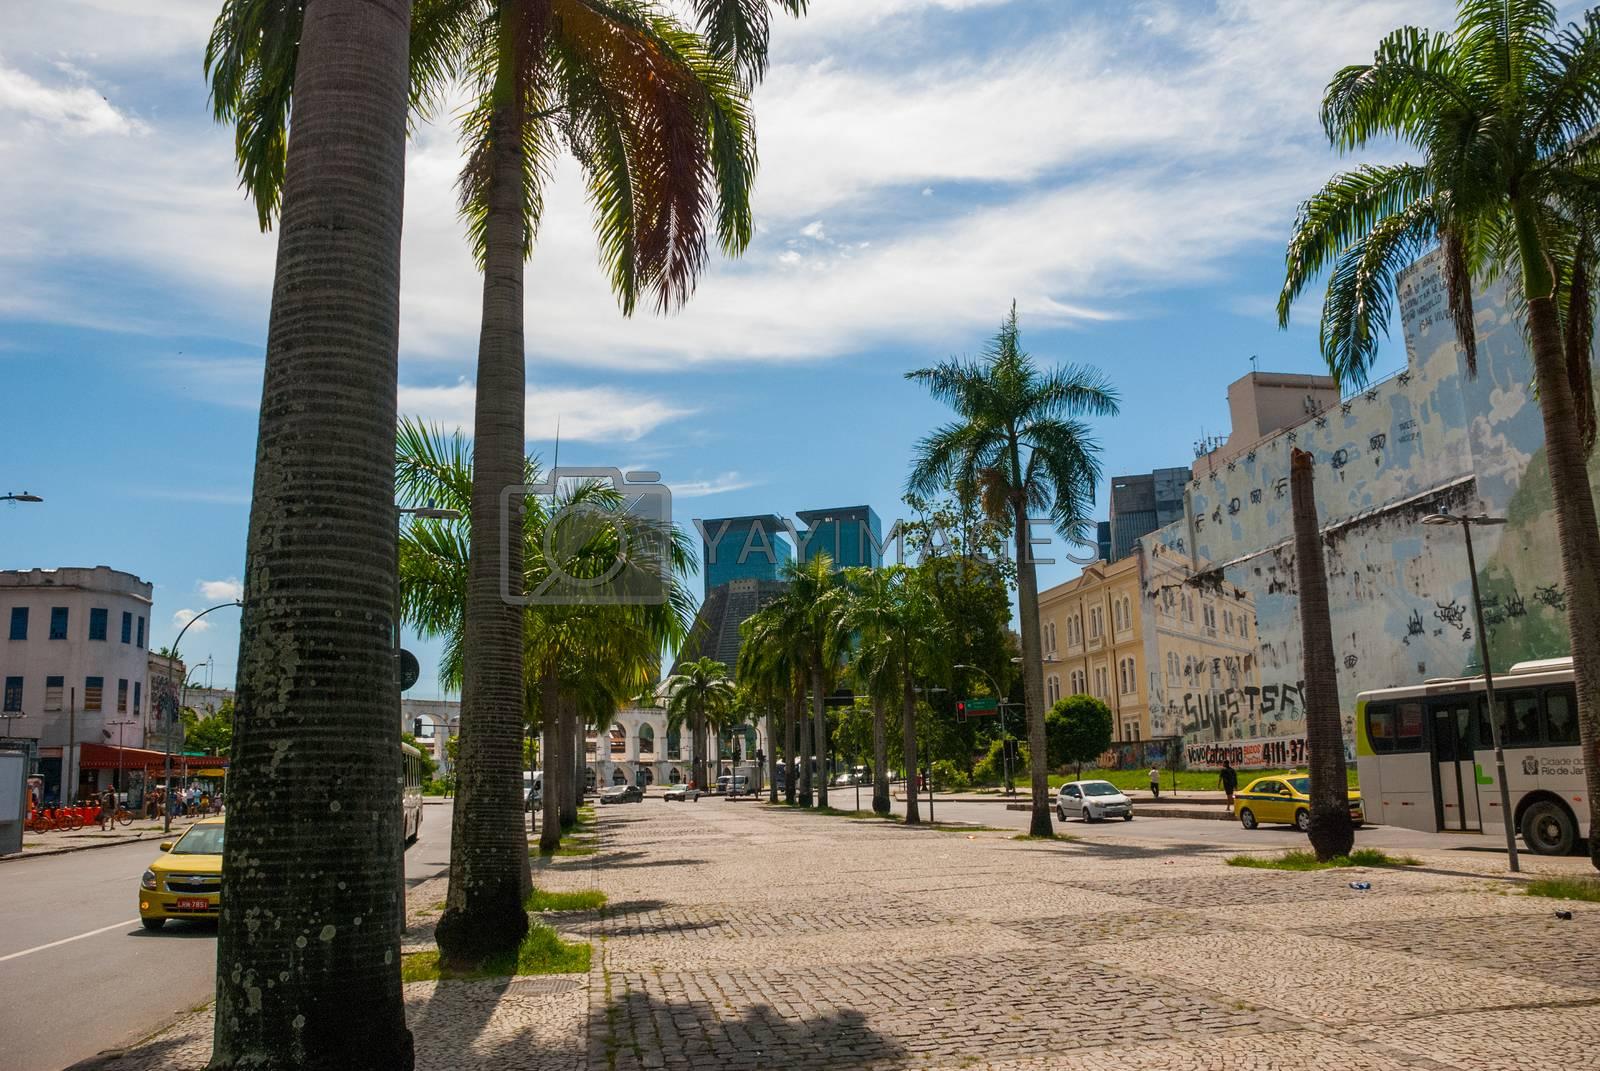 RIO DE JANEIRO, BRAZIL - APRIL 2019: Metropolitan cathedral in Rio de Janeiro